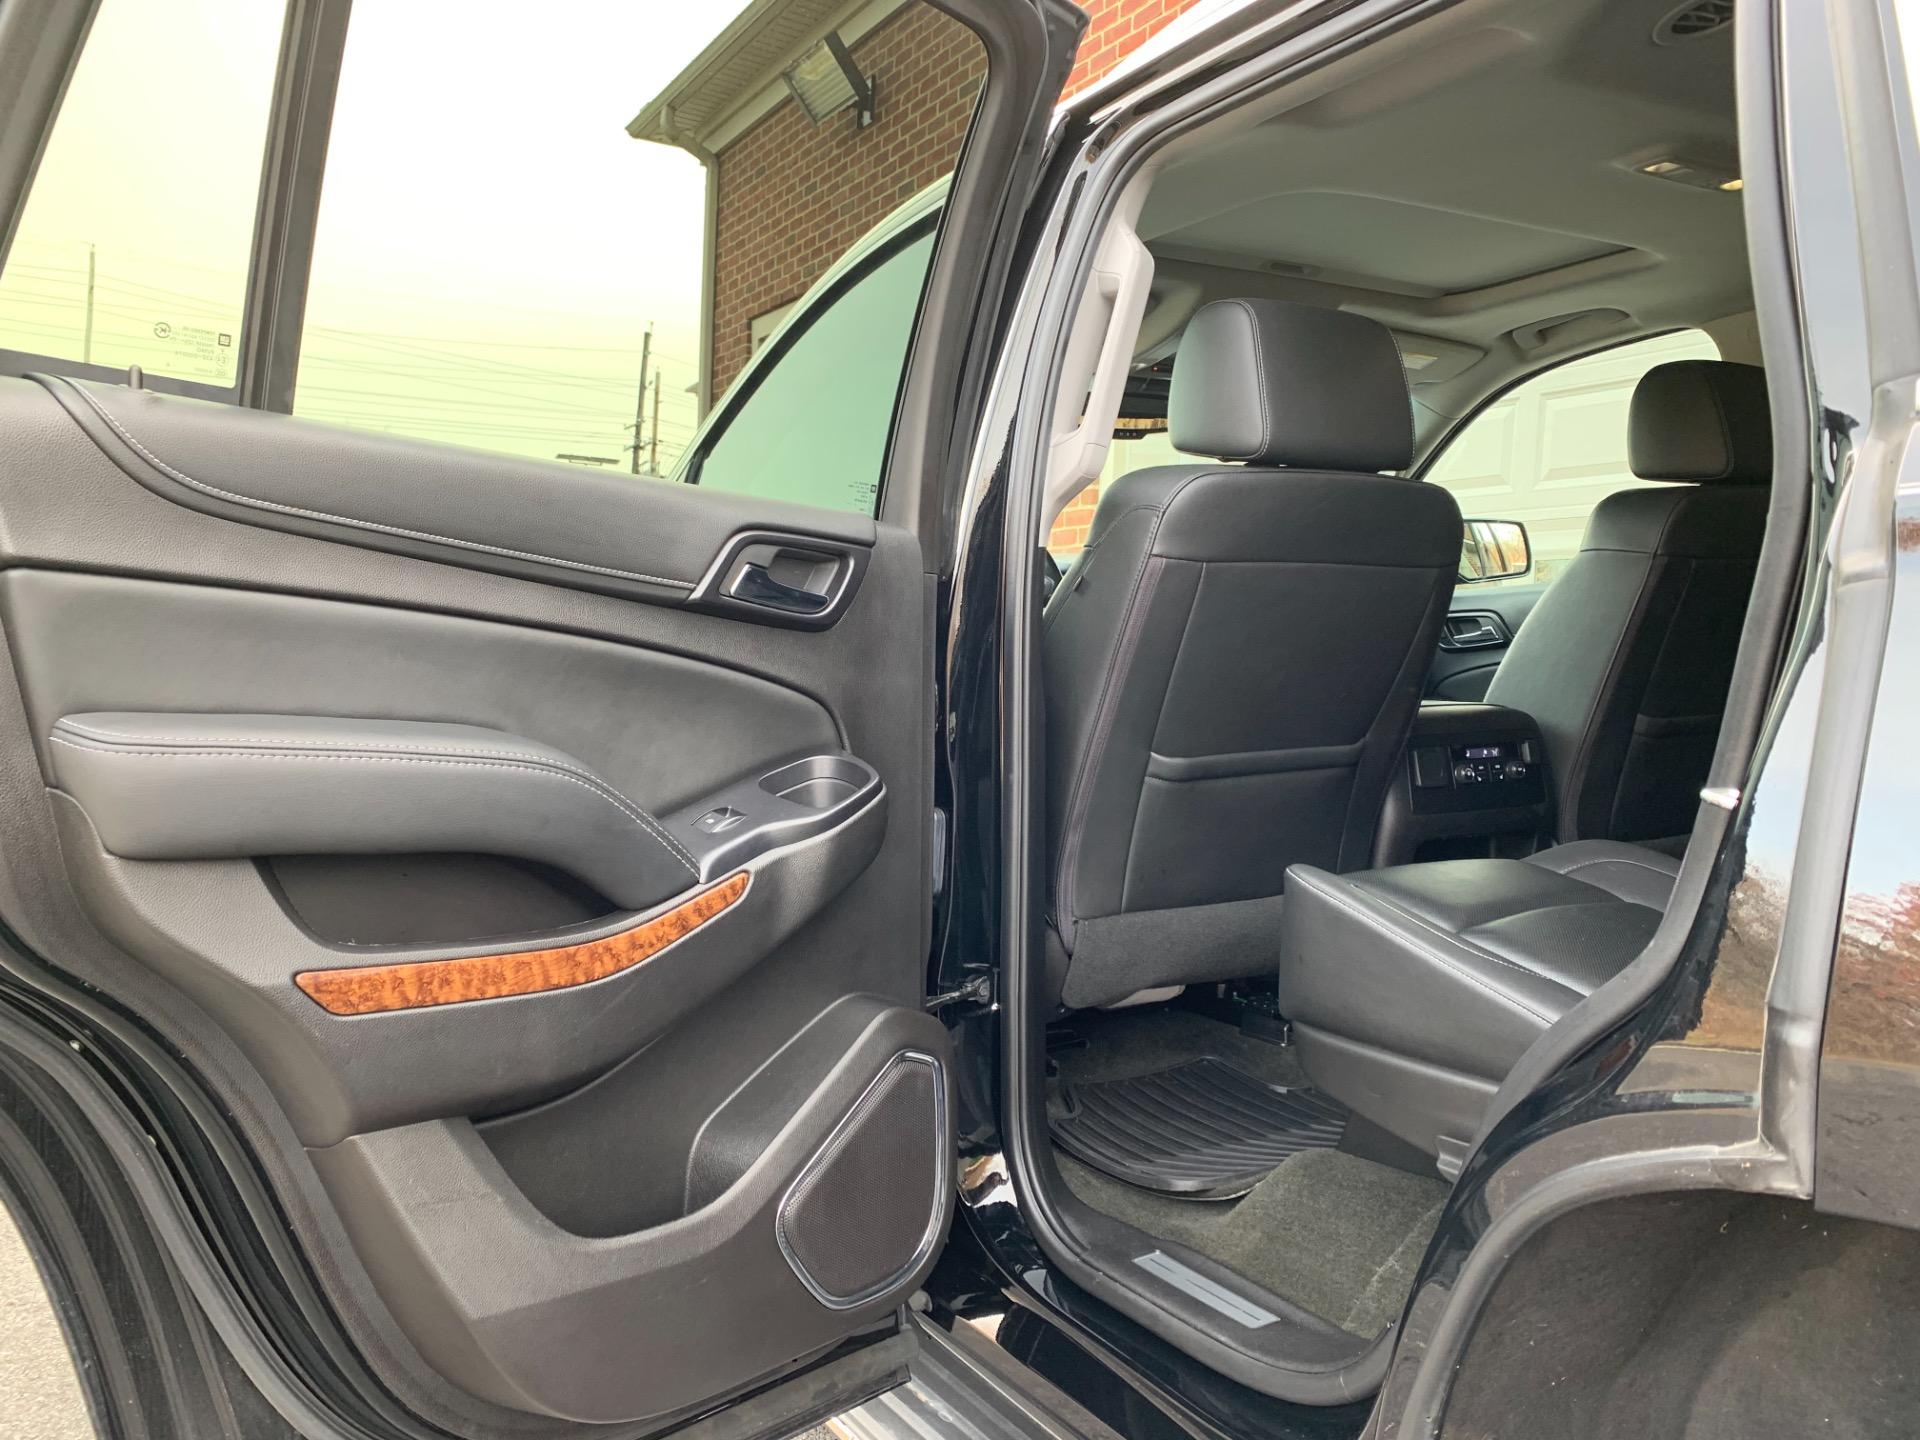 Used-2017-Chevrolet-Tahoe-Premier